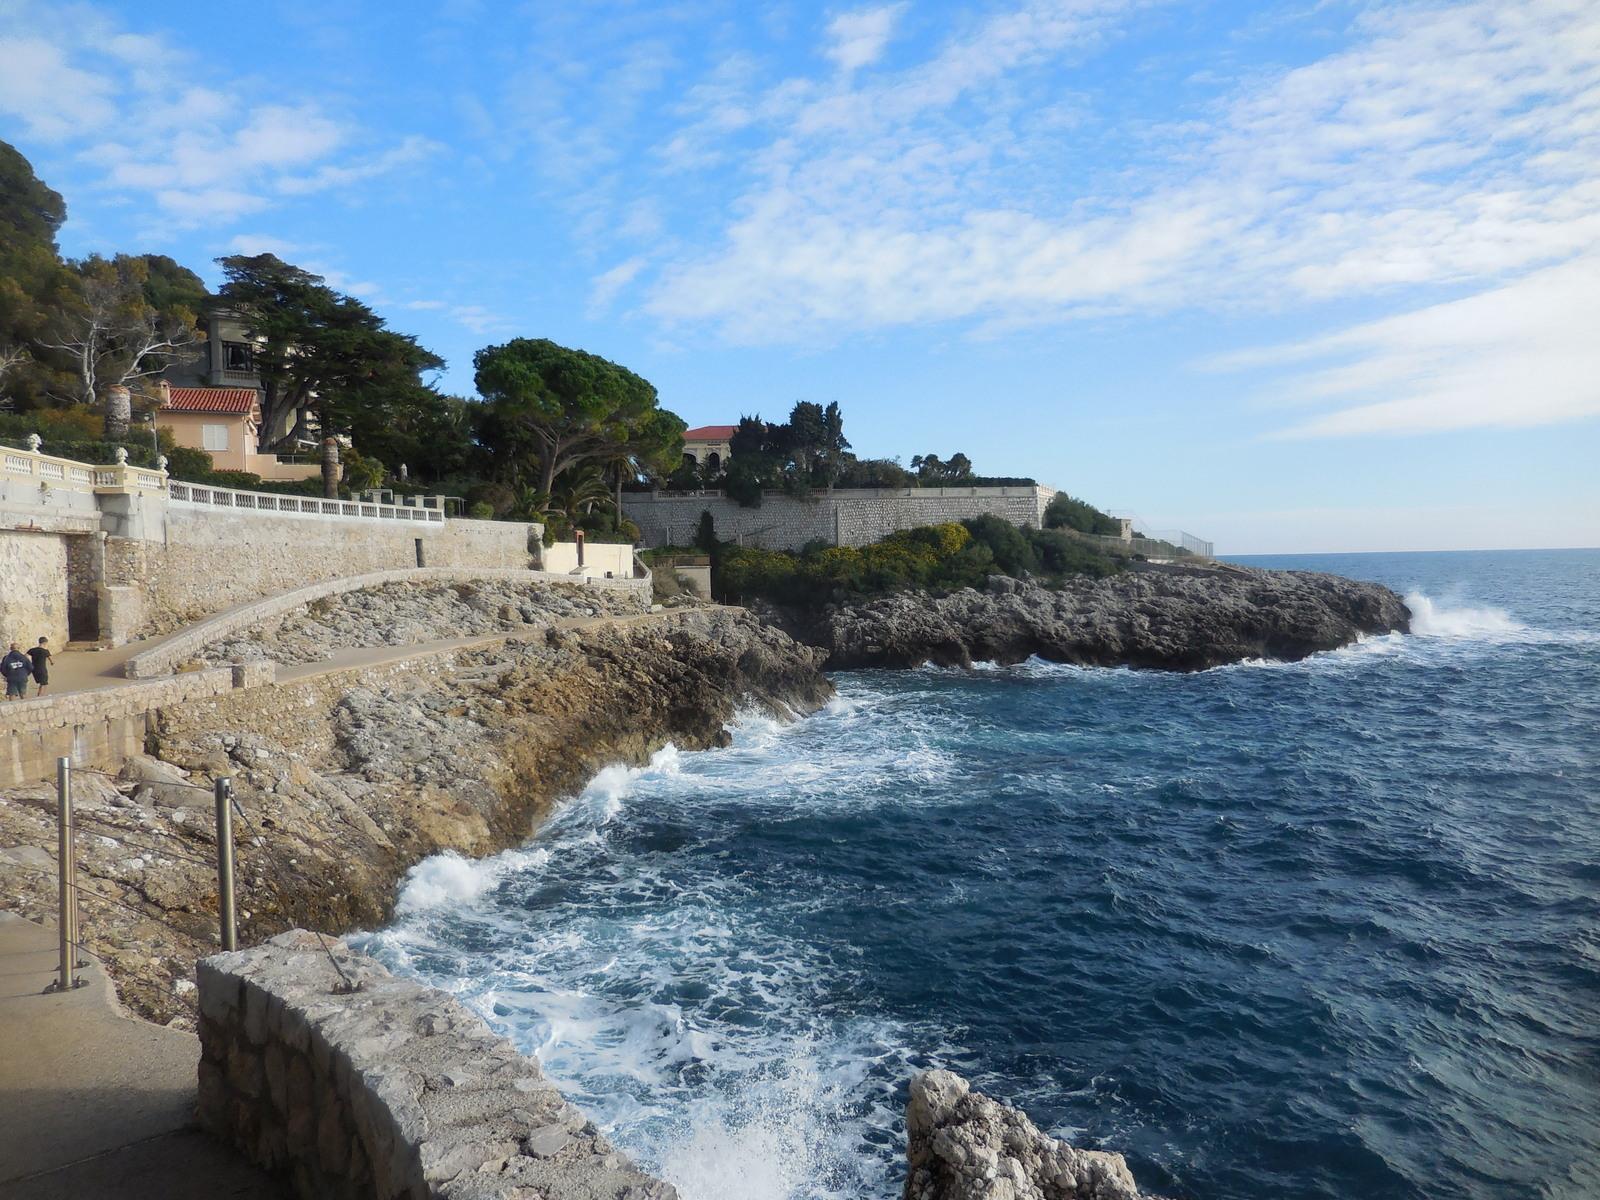 Viaggi e pensieri cap d 39 ail i sentieri del litorale for Cap villa del conte